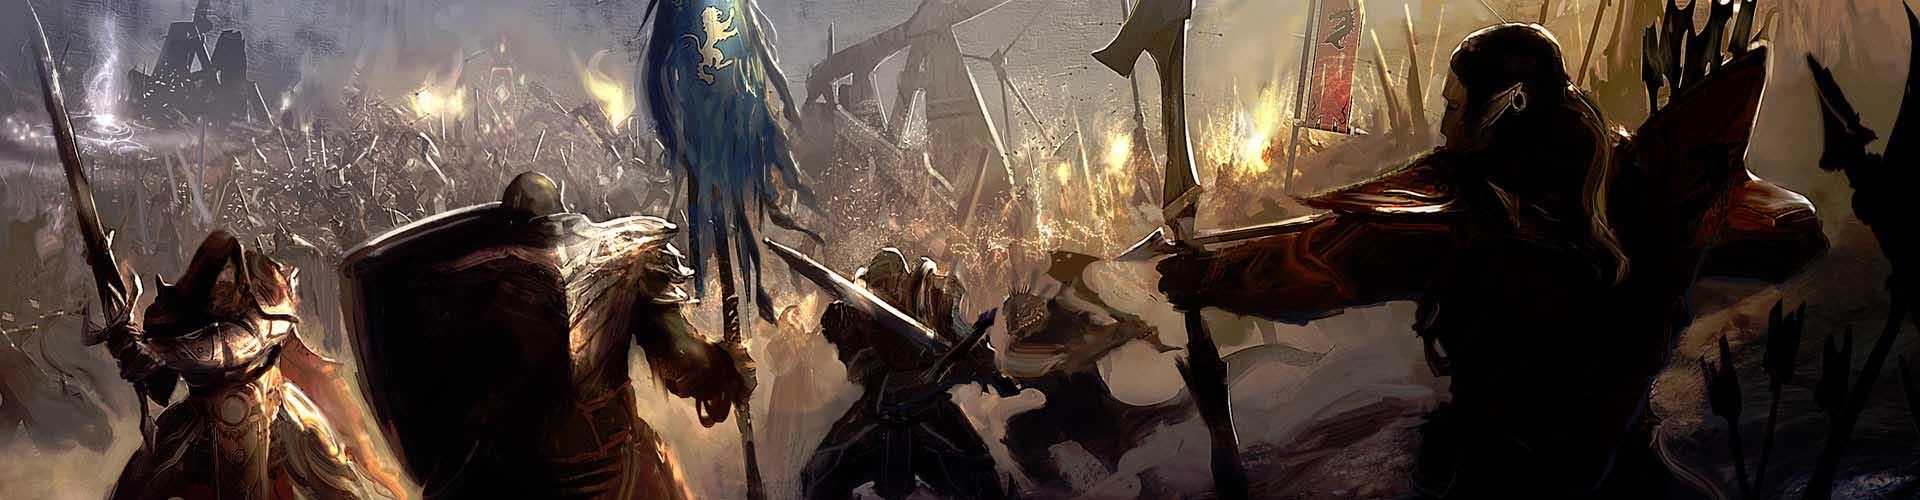 The Elder Scrolls Game Order – The Chronological Game Timeline